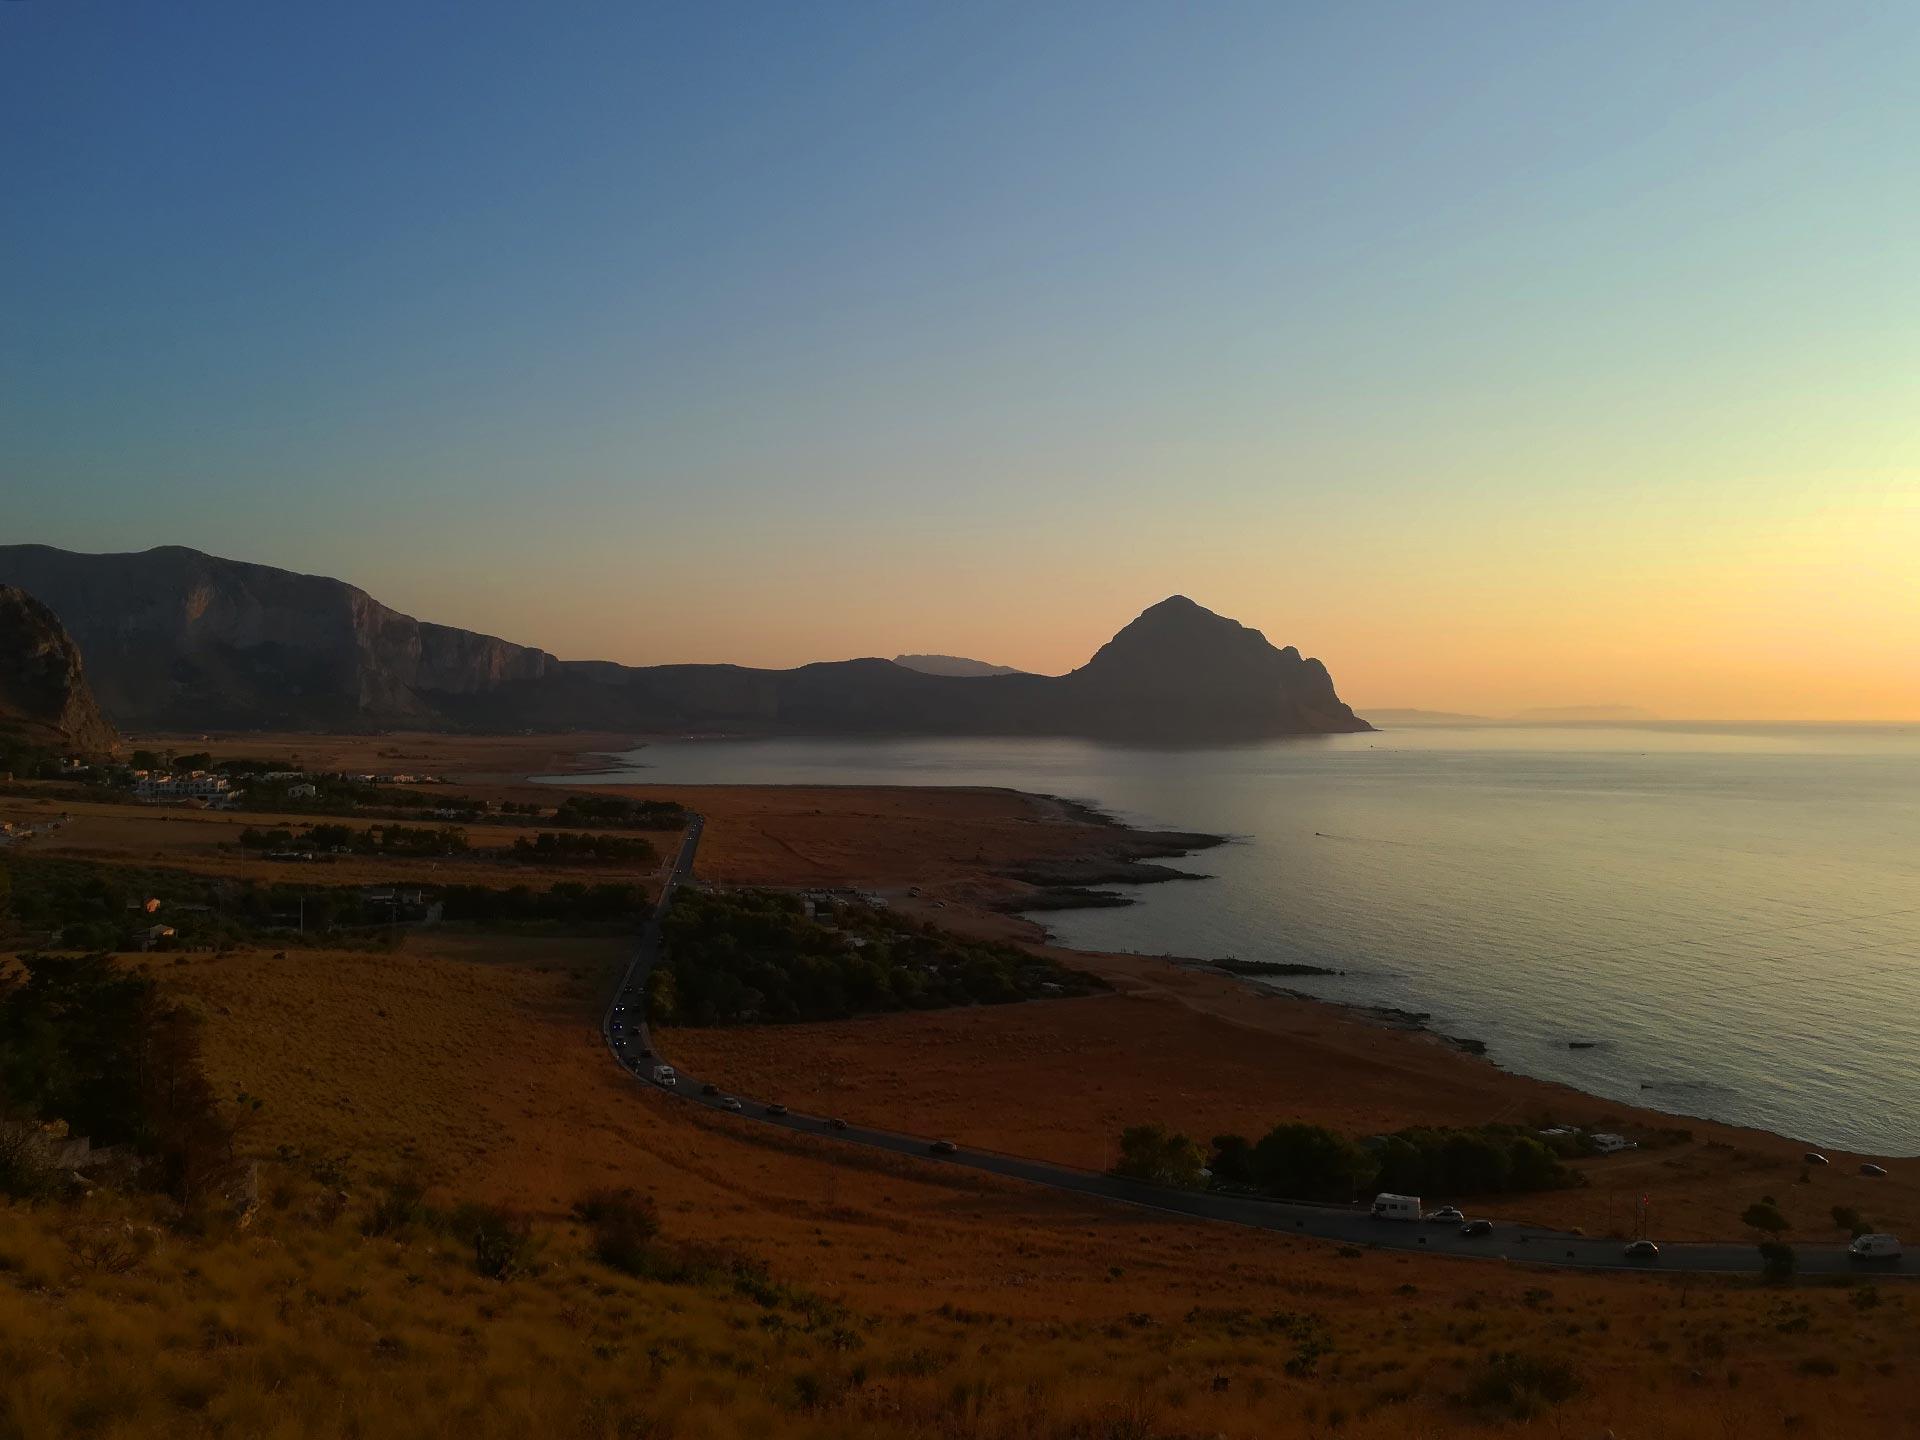 tramonto sulla baia Santa Margherita, sullo sfondo il Monte Cofano, Macari, Sicilia